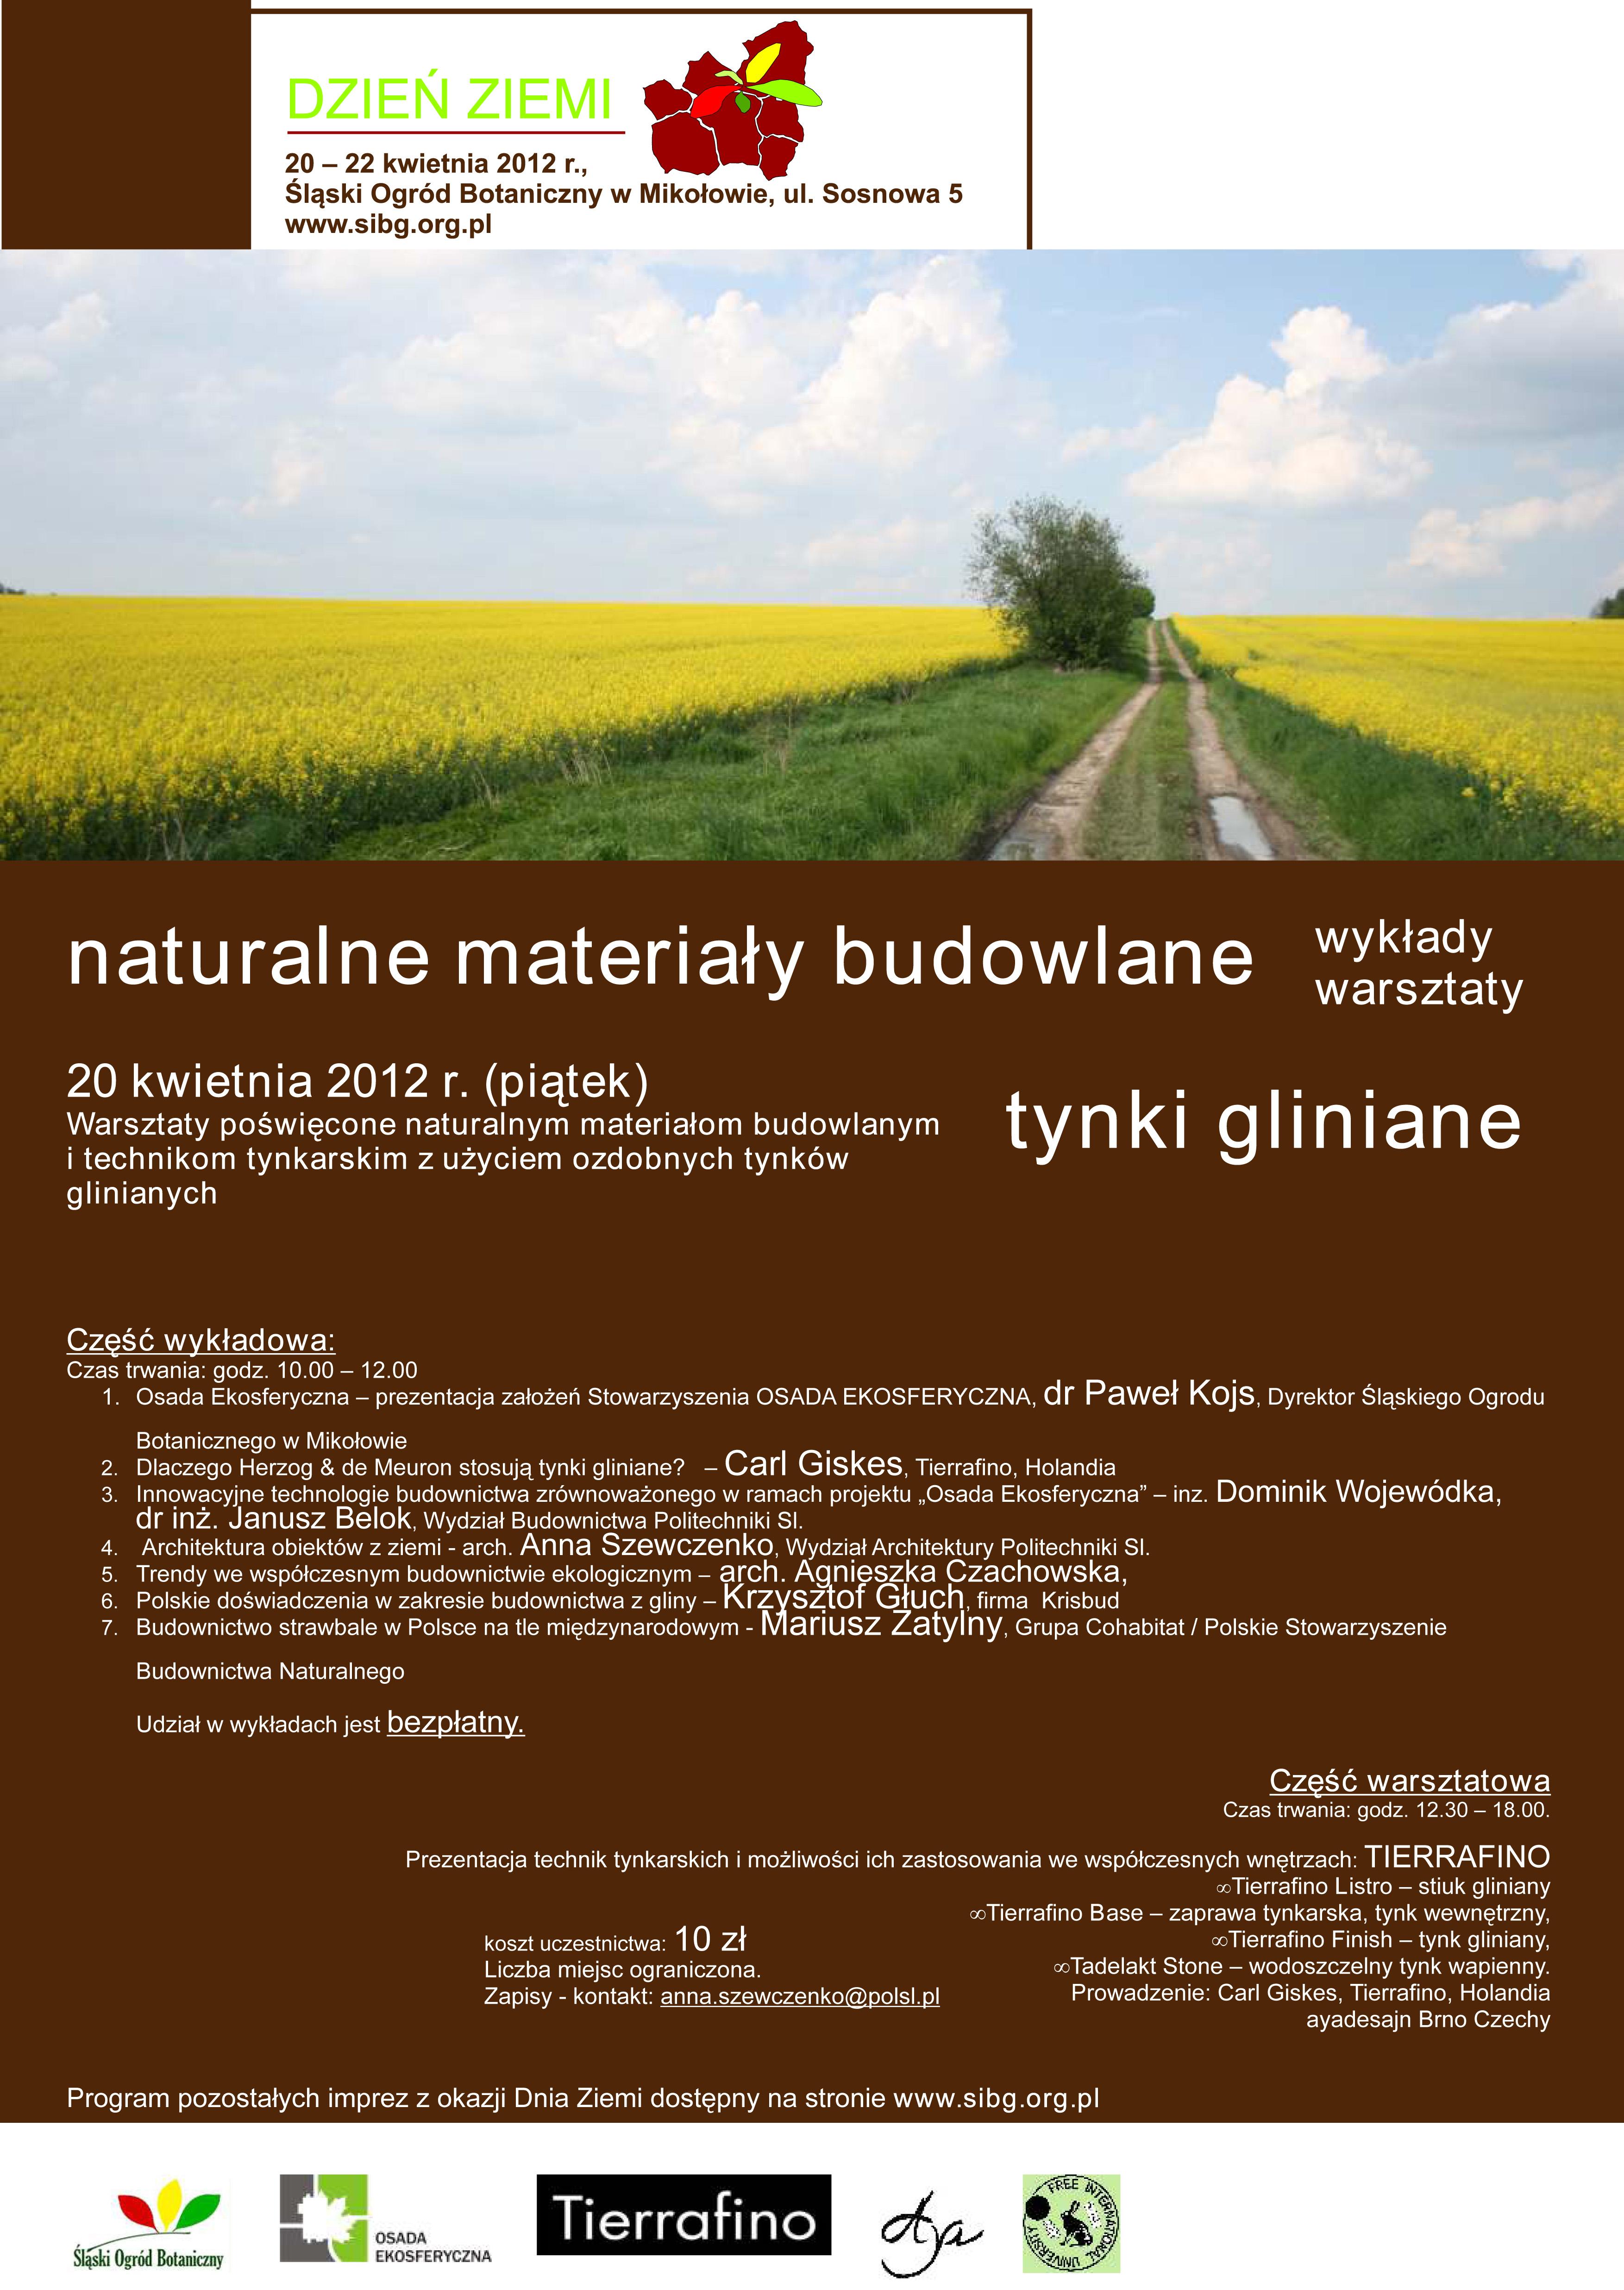 konference Dzień Ziemi Polsko